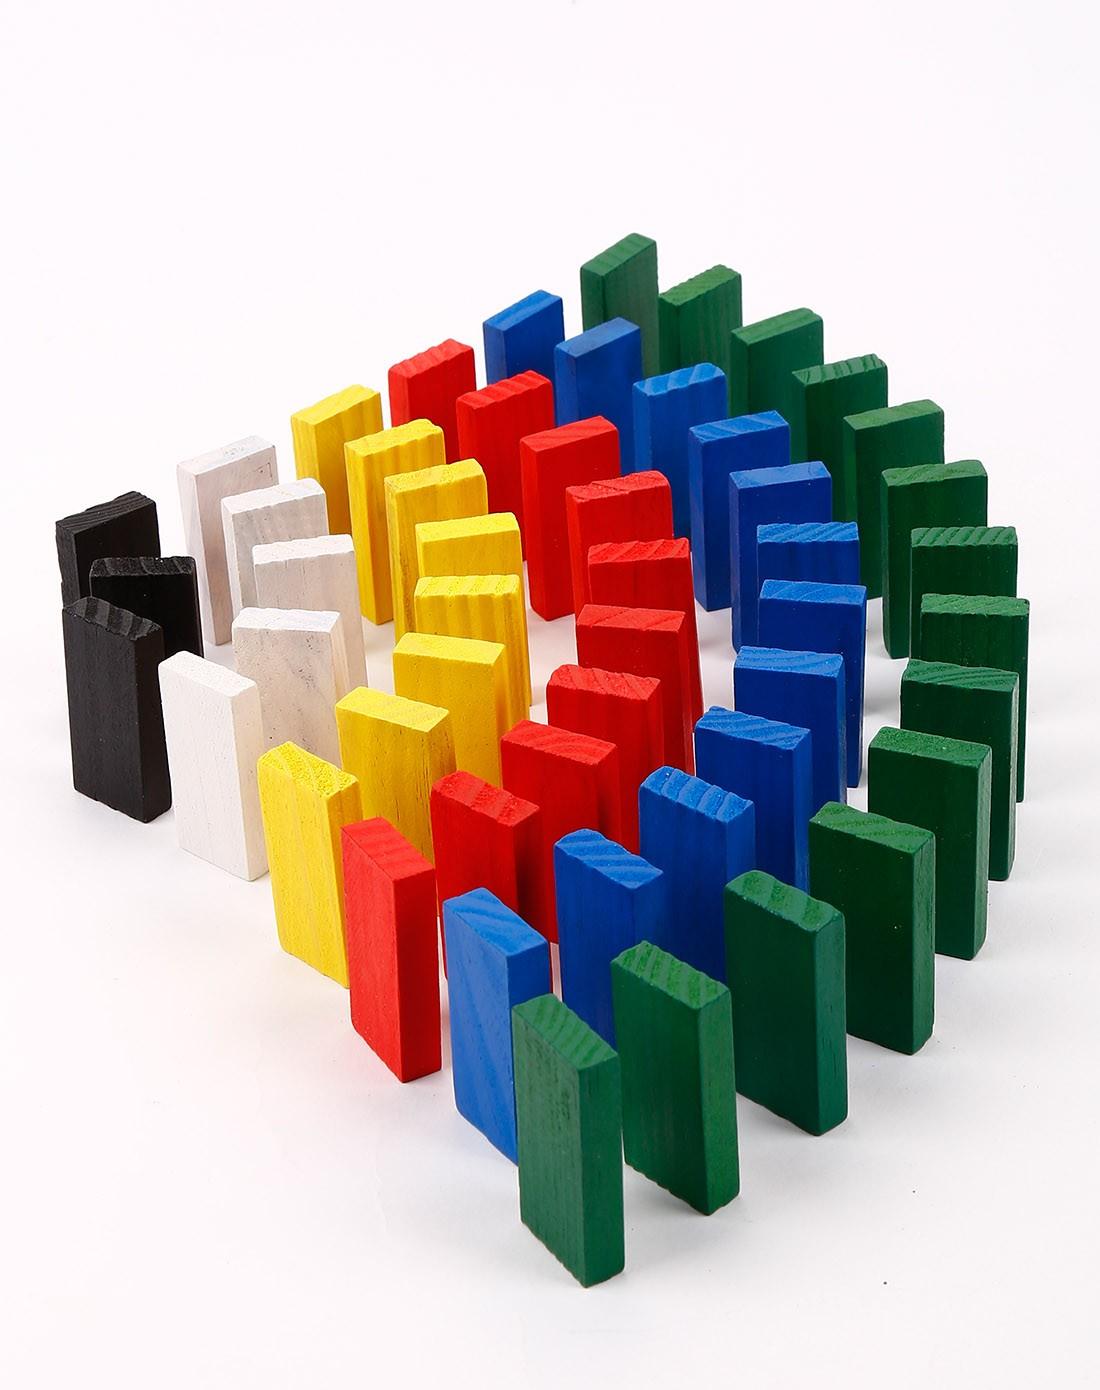 多彩原木标准牌120个装多米诺骨牌